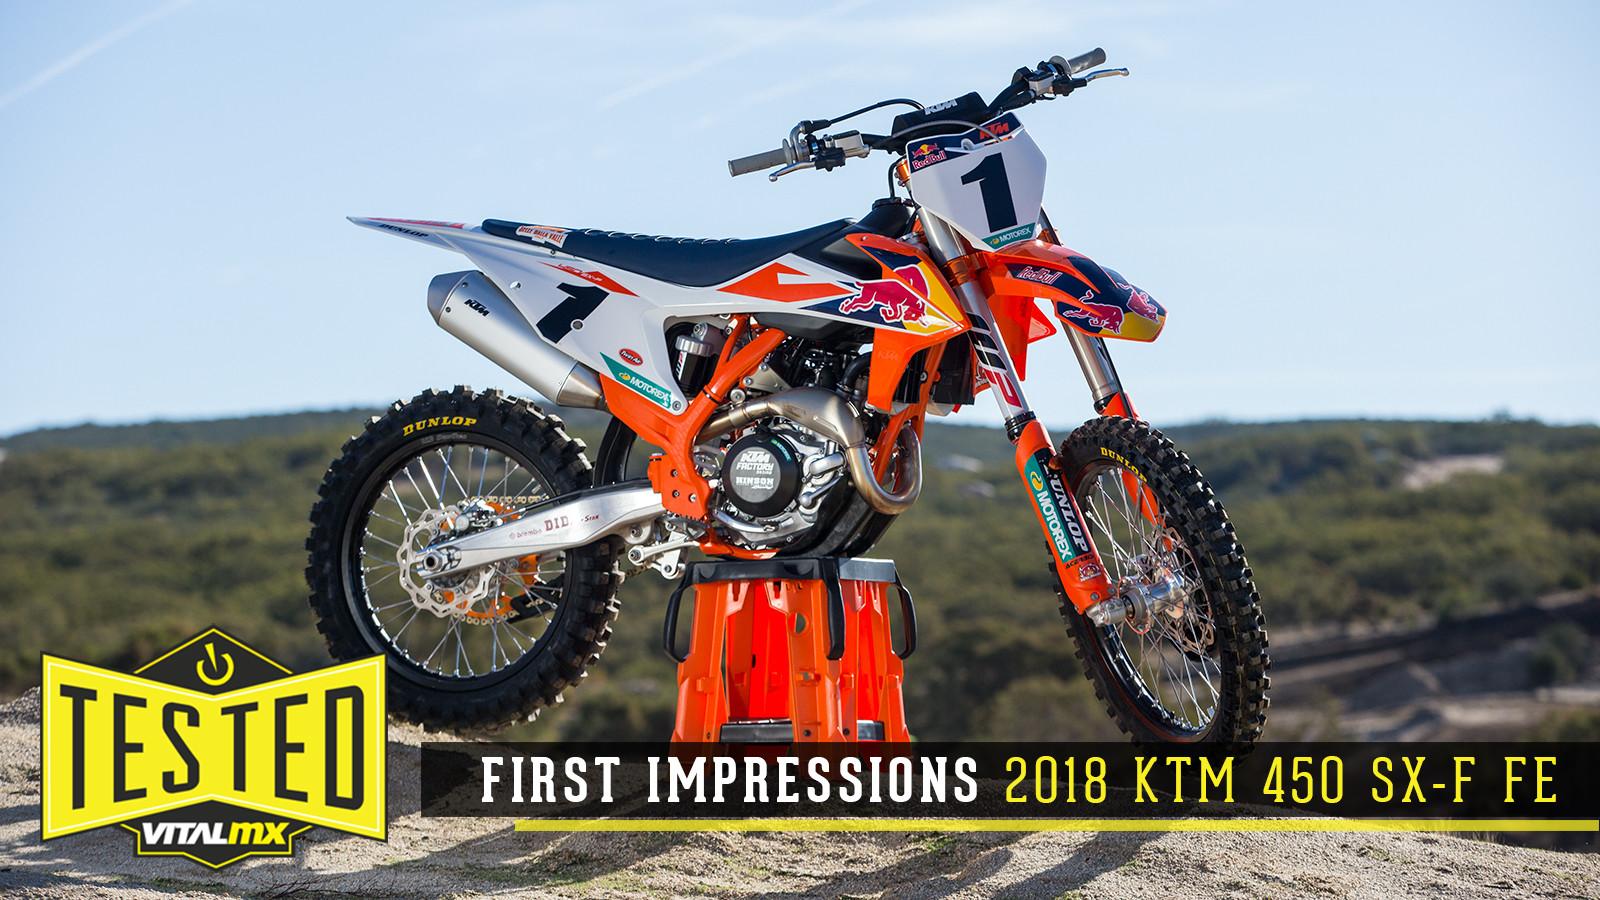 2018 Ktm 450 Sx F Factory Edition Reviews Comparisons Specs Motocross Dirt Bike Bikes Vital Mx